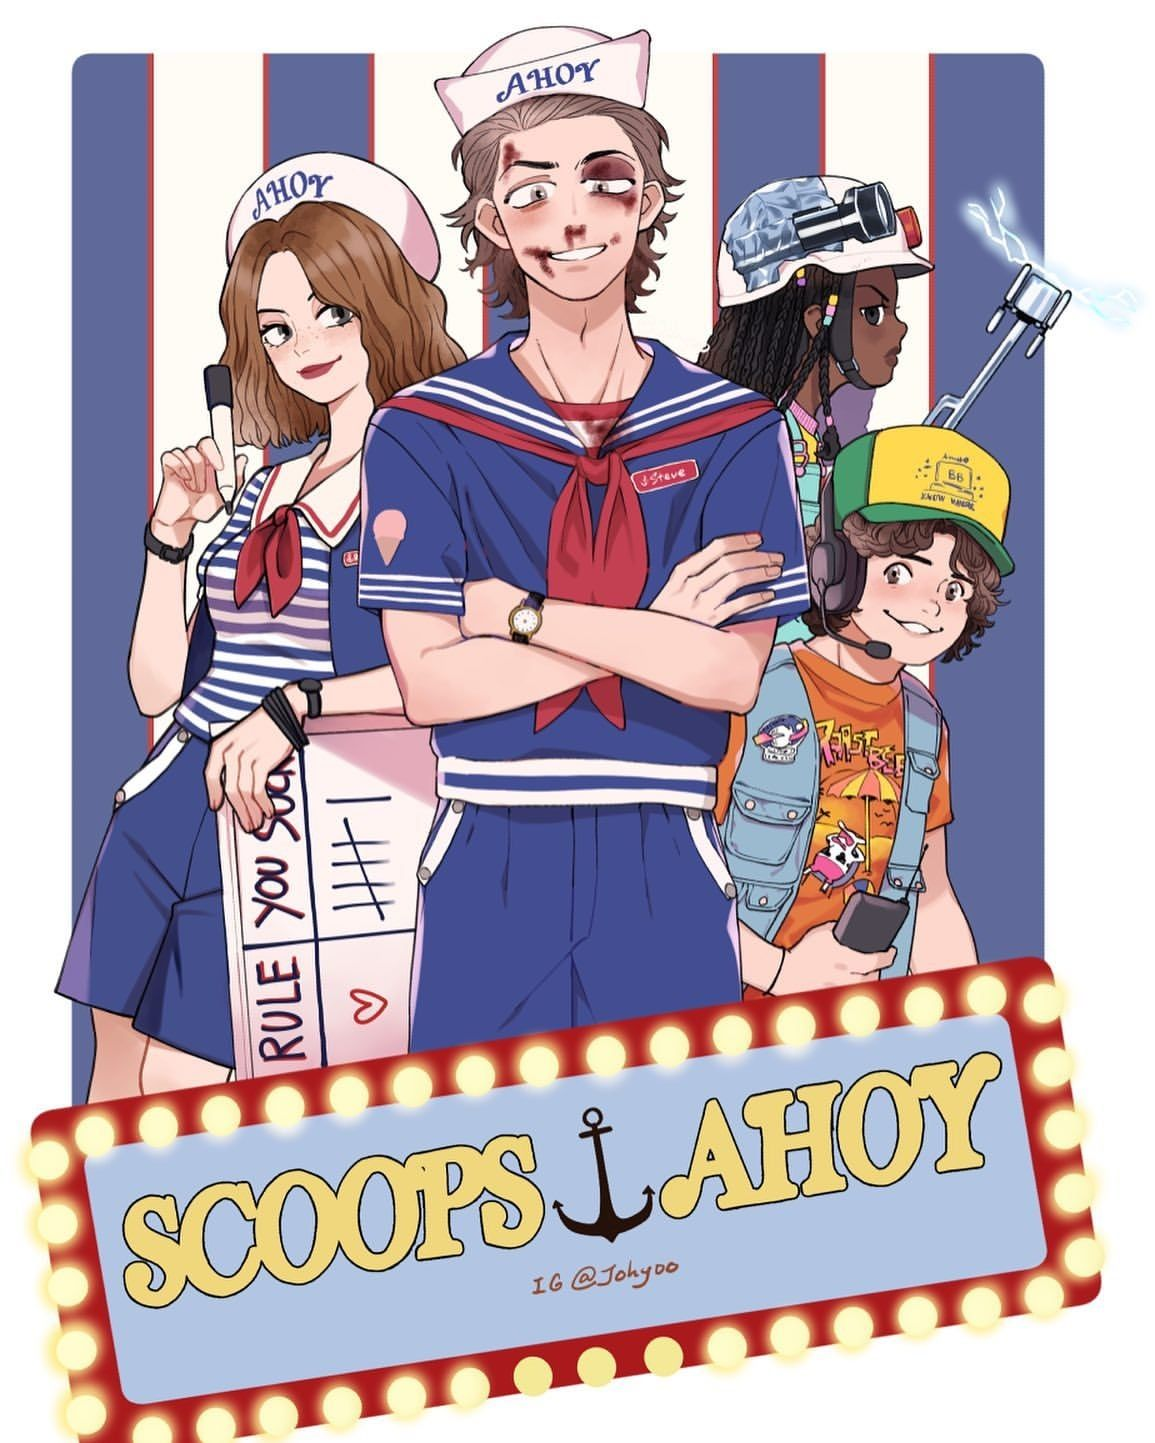 Stranger Things Scoop Troop By Hope Johyoo Robin Steve Dustin Scoops Ahoy Ice Cream Seas Stranger Things Fanart Stranger Things Funny Stranger Things Art